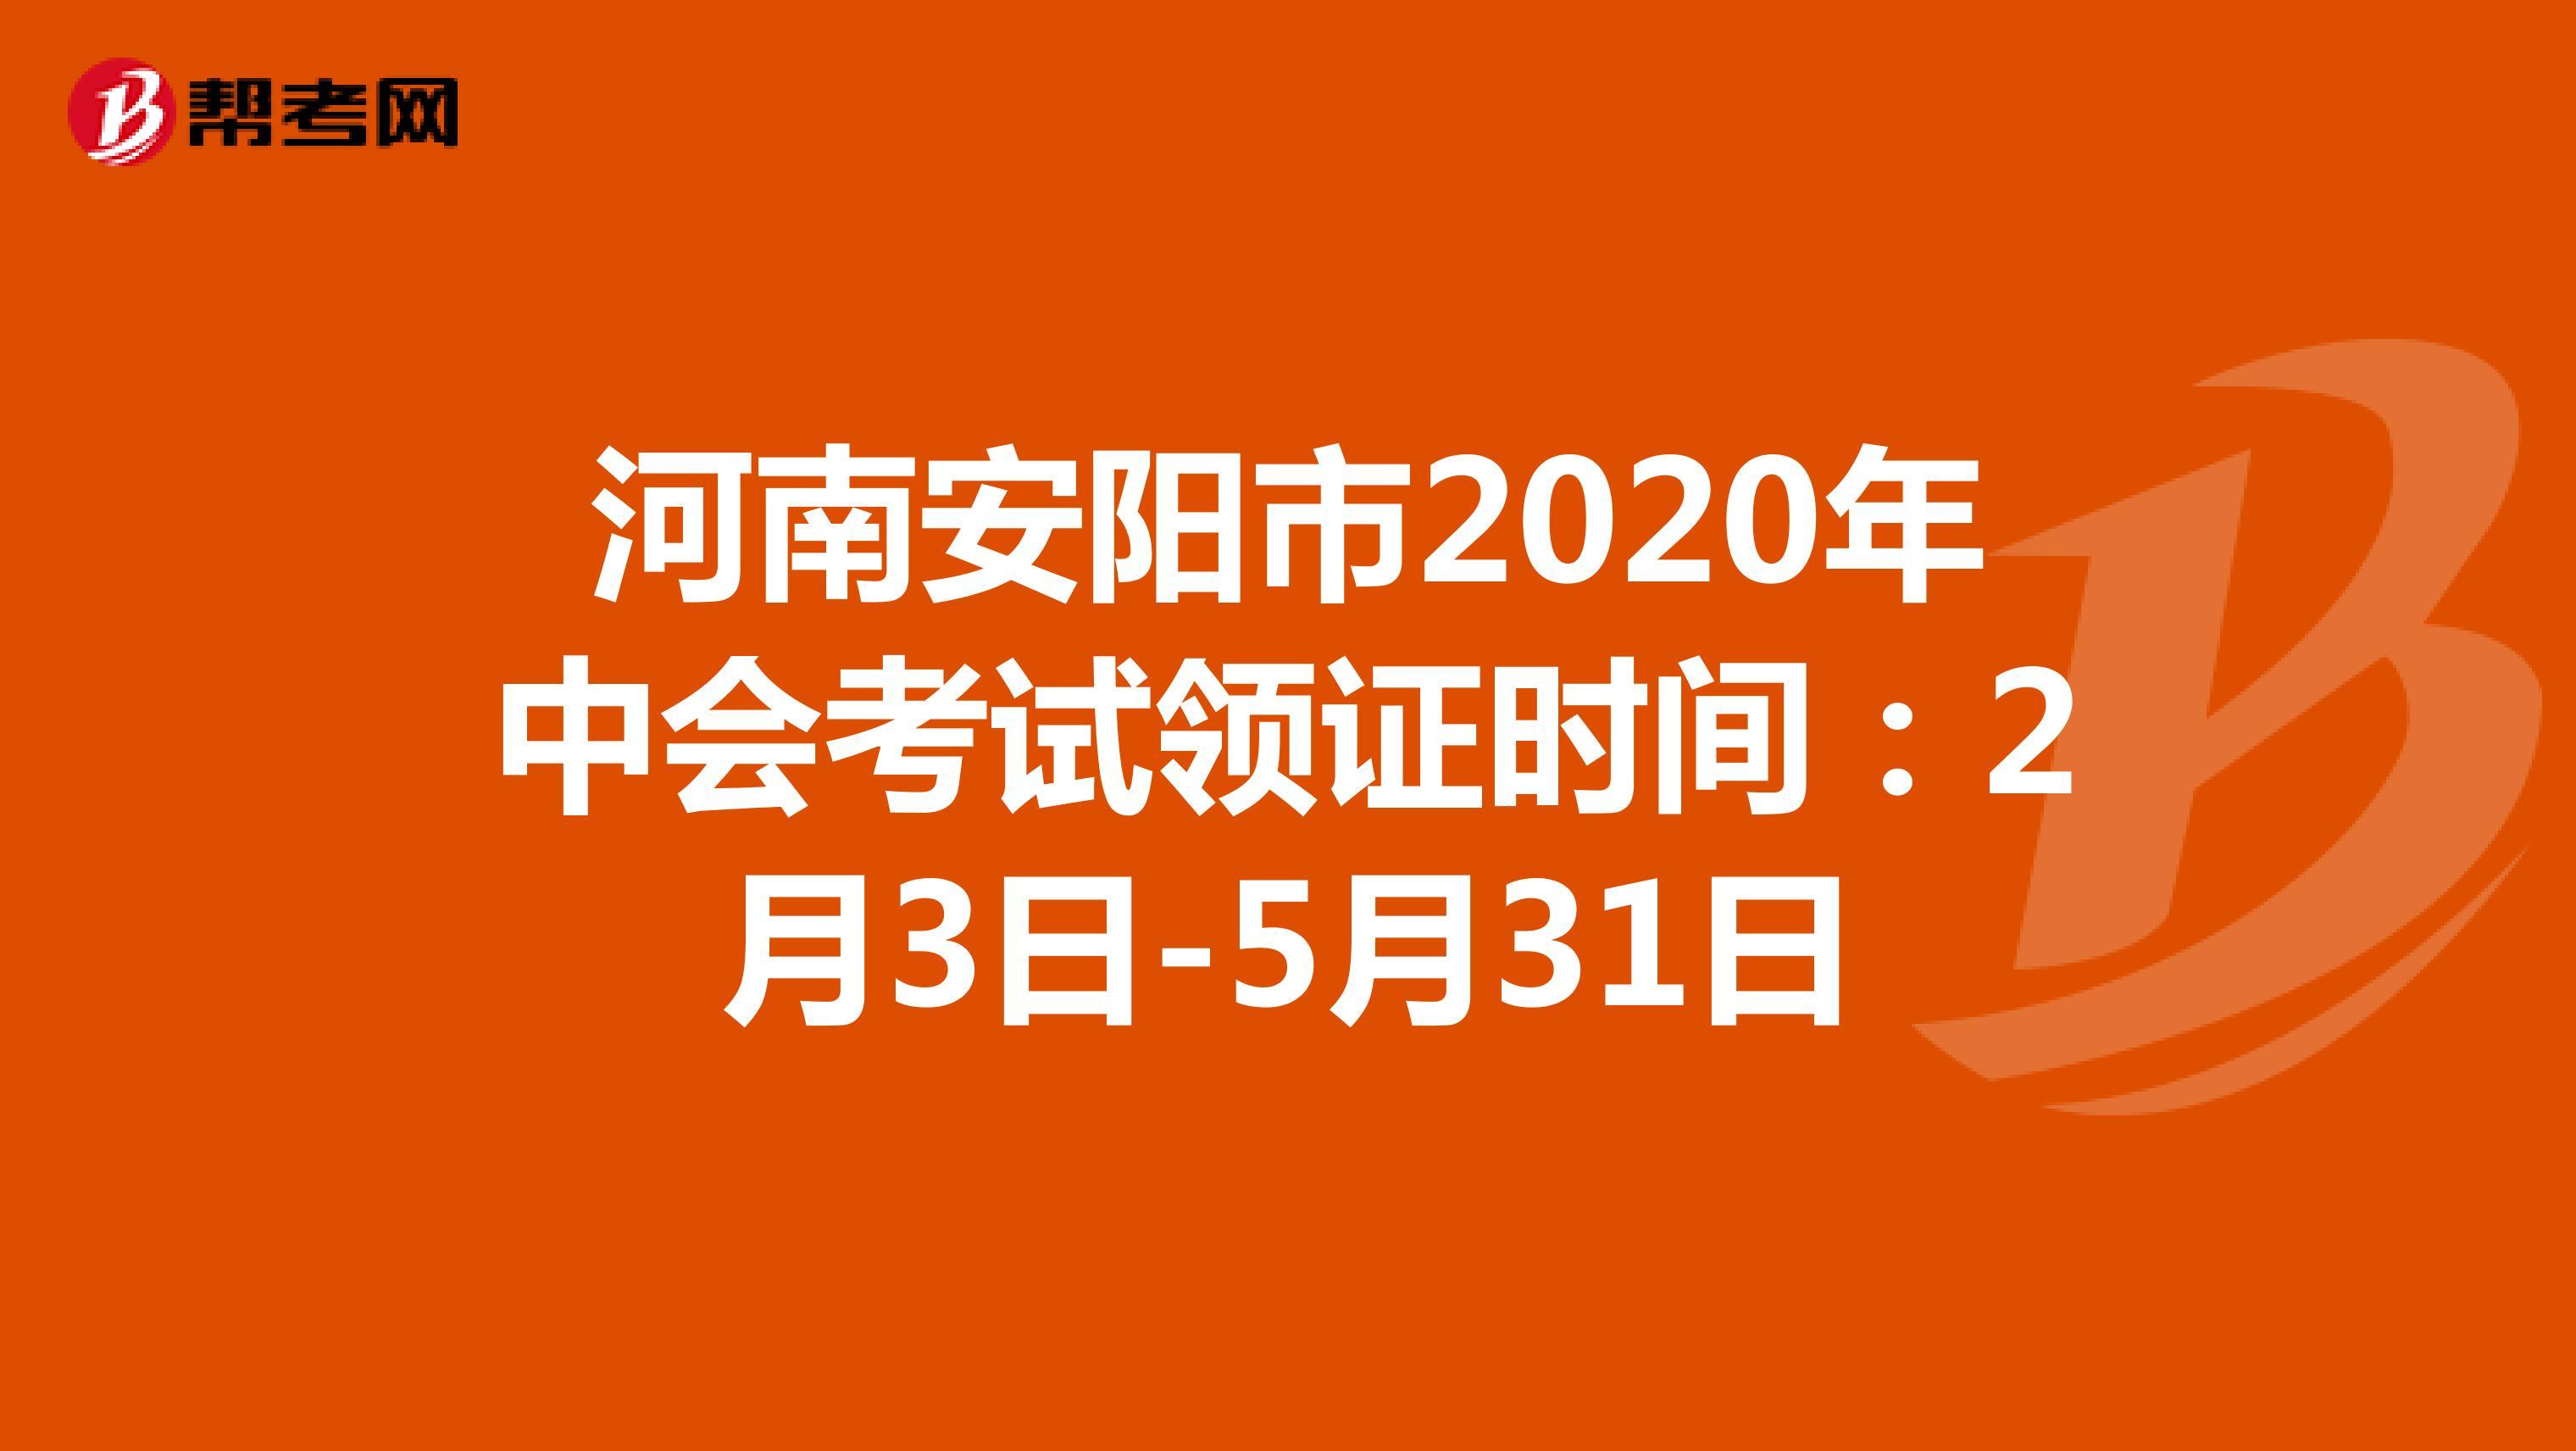 河南安阳市2020年中会考试领证时间:2月3日-5月31日